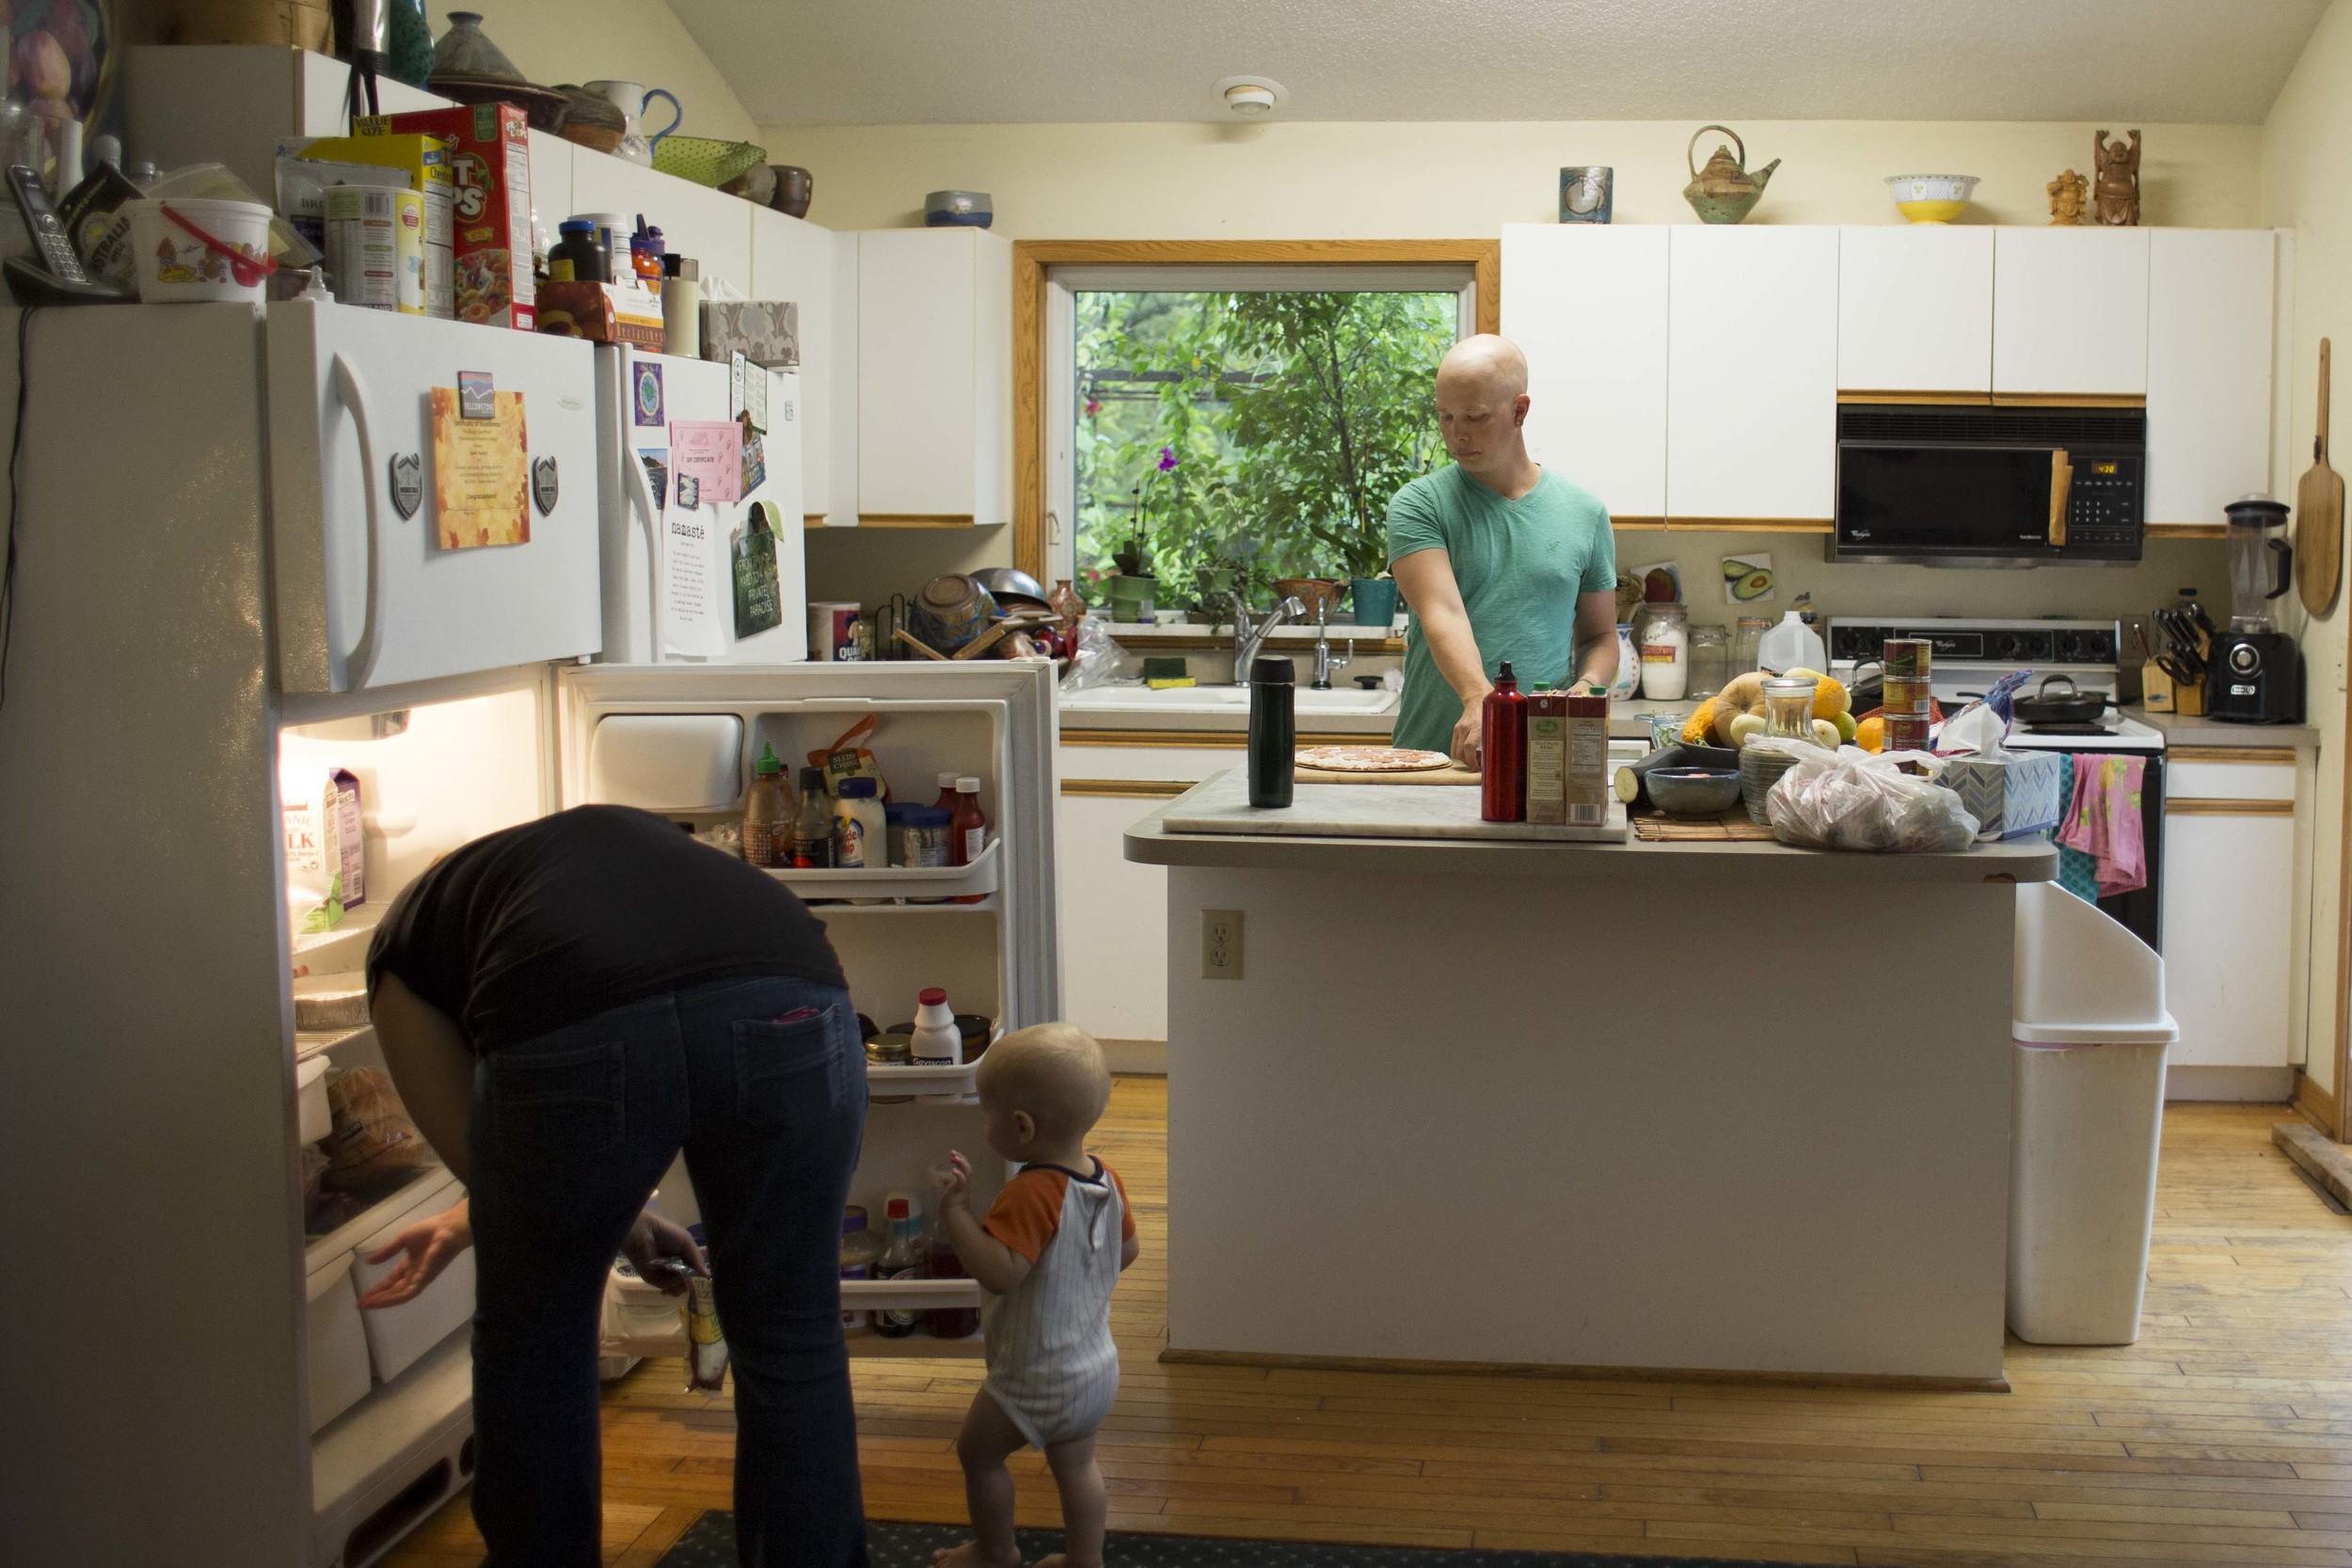 Sarah looks in the fridge with Solomon's help